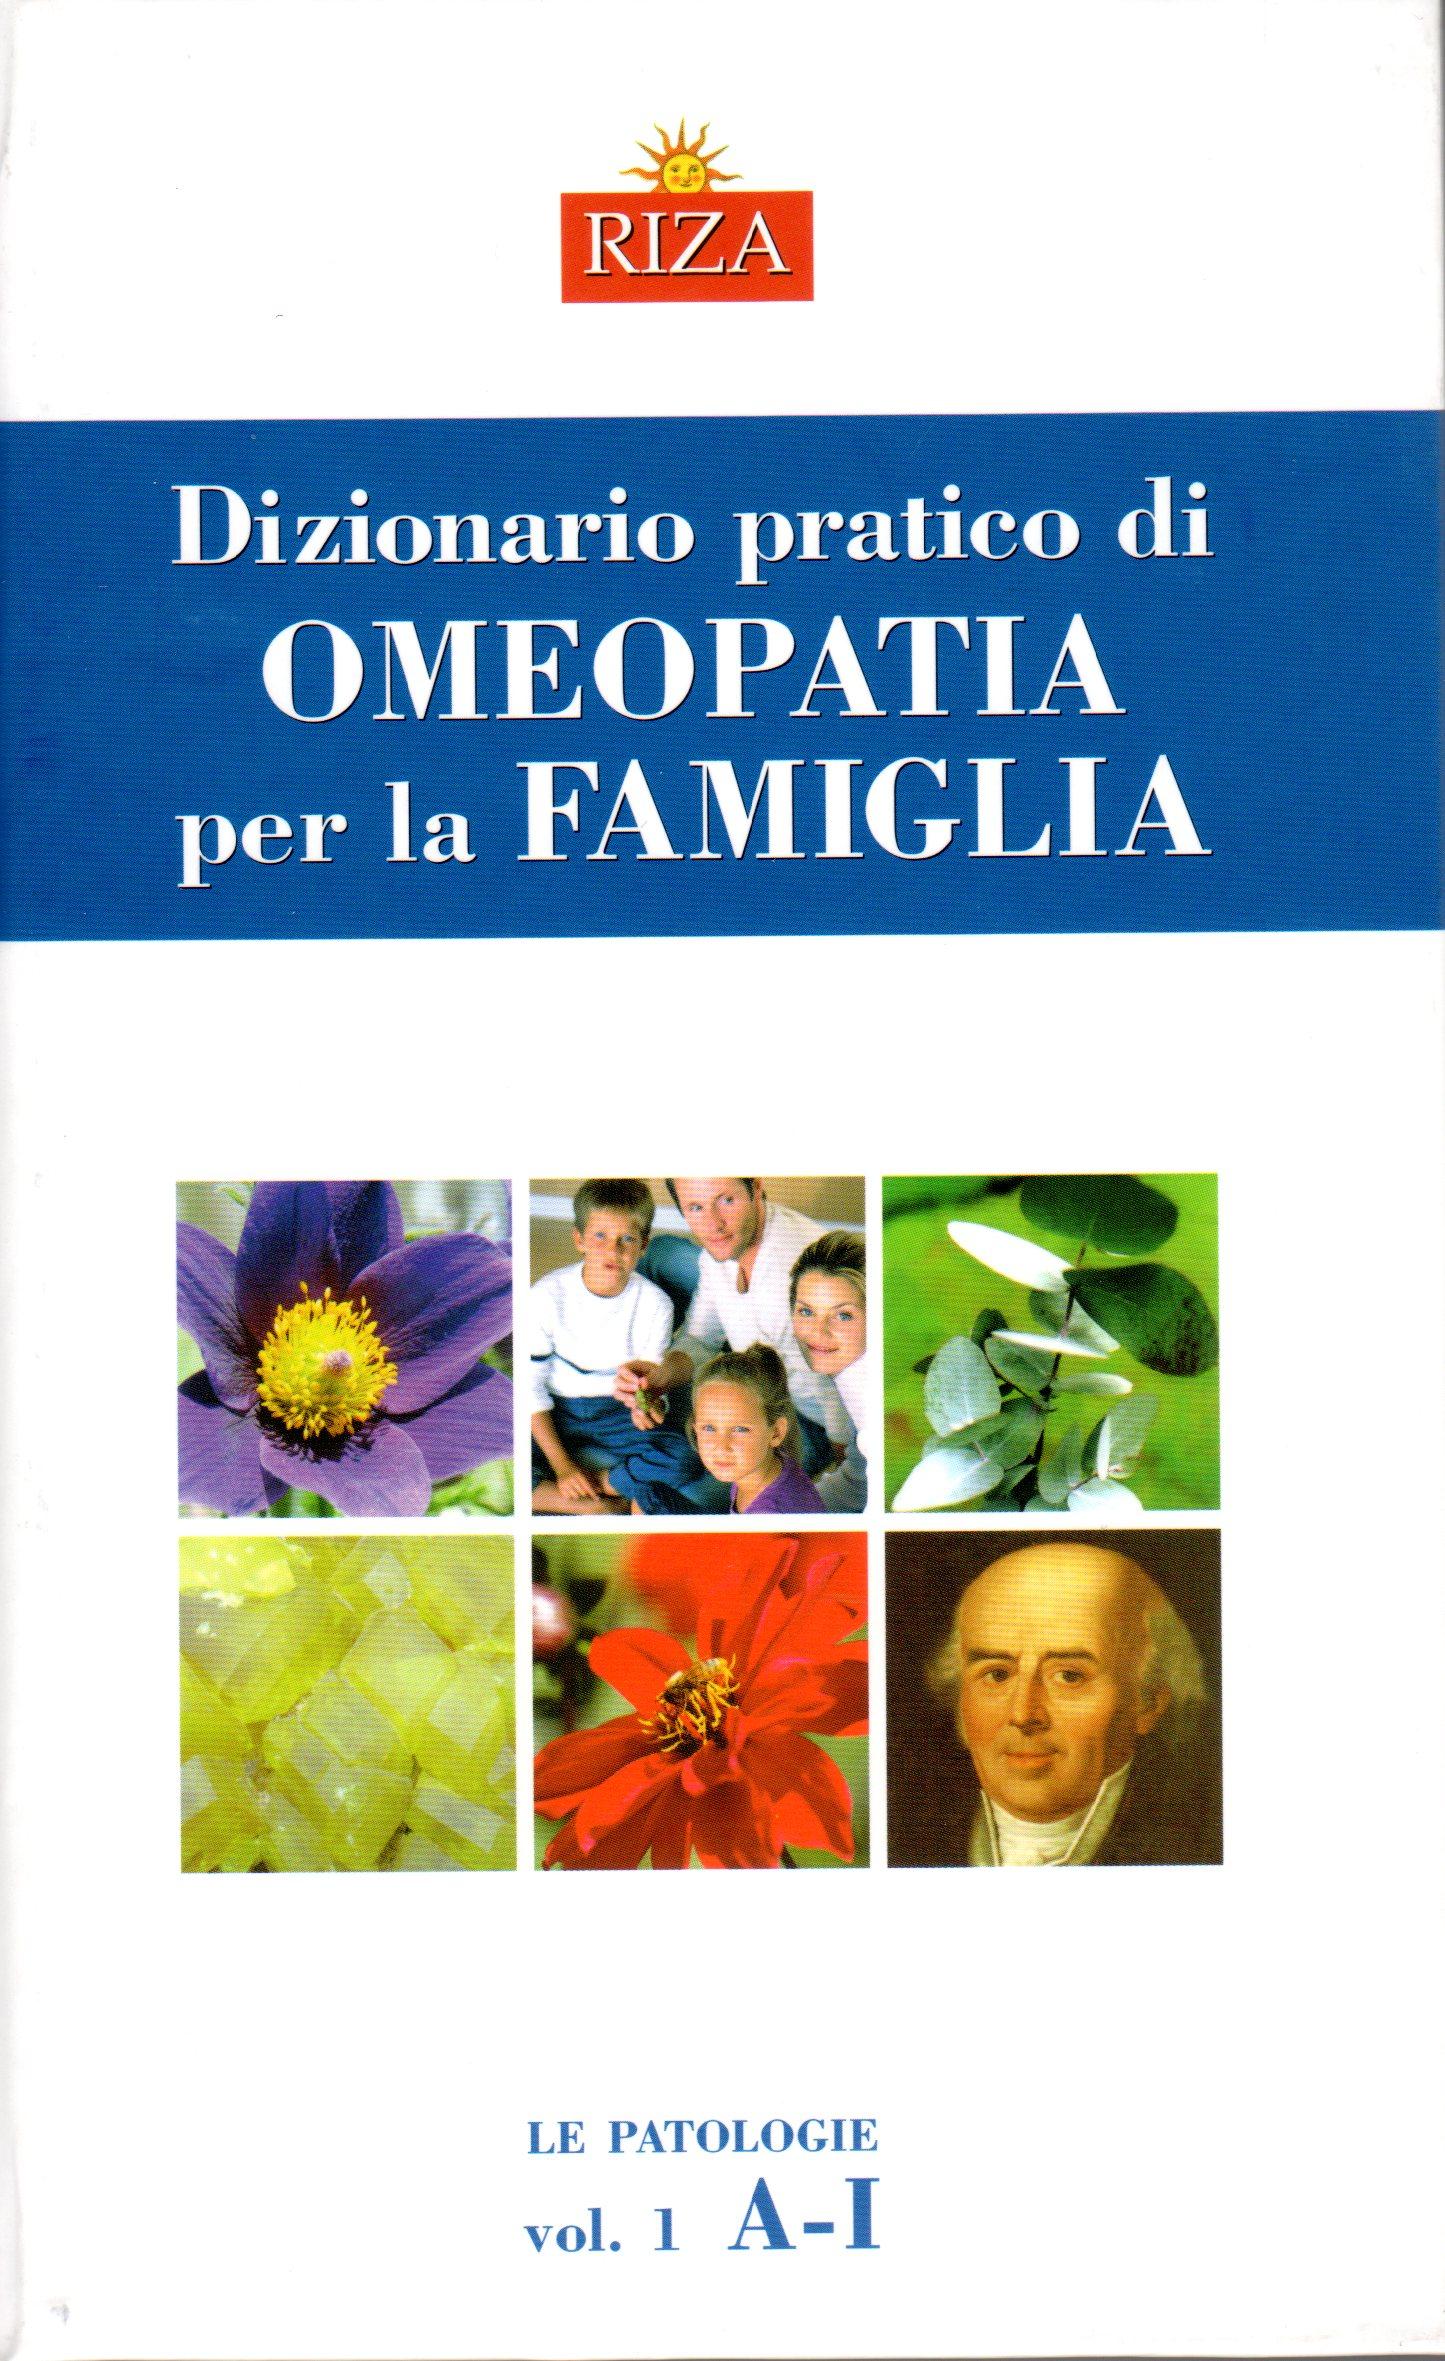 Dizionario pratico di omeopatia per la famiglia